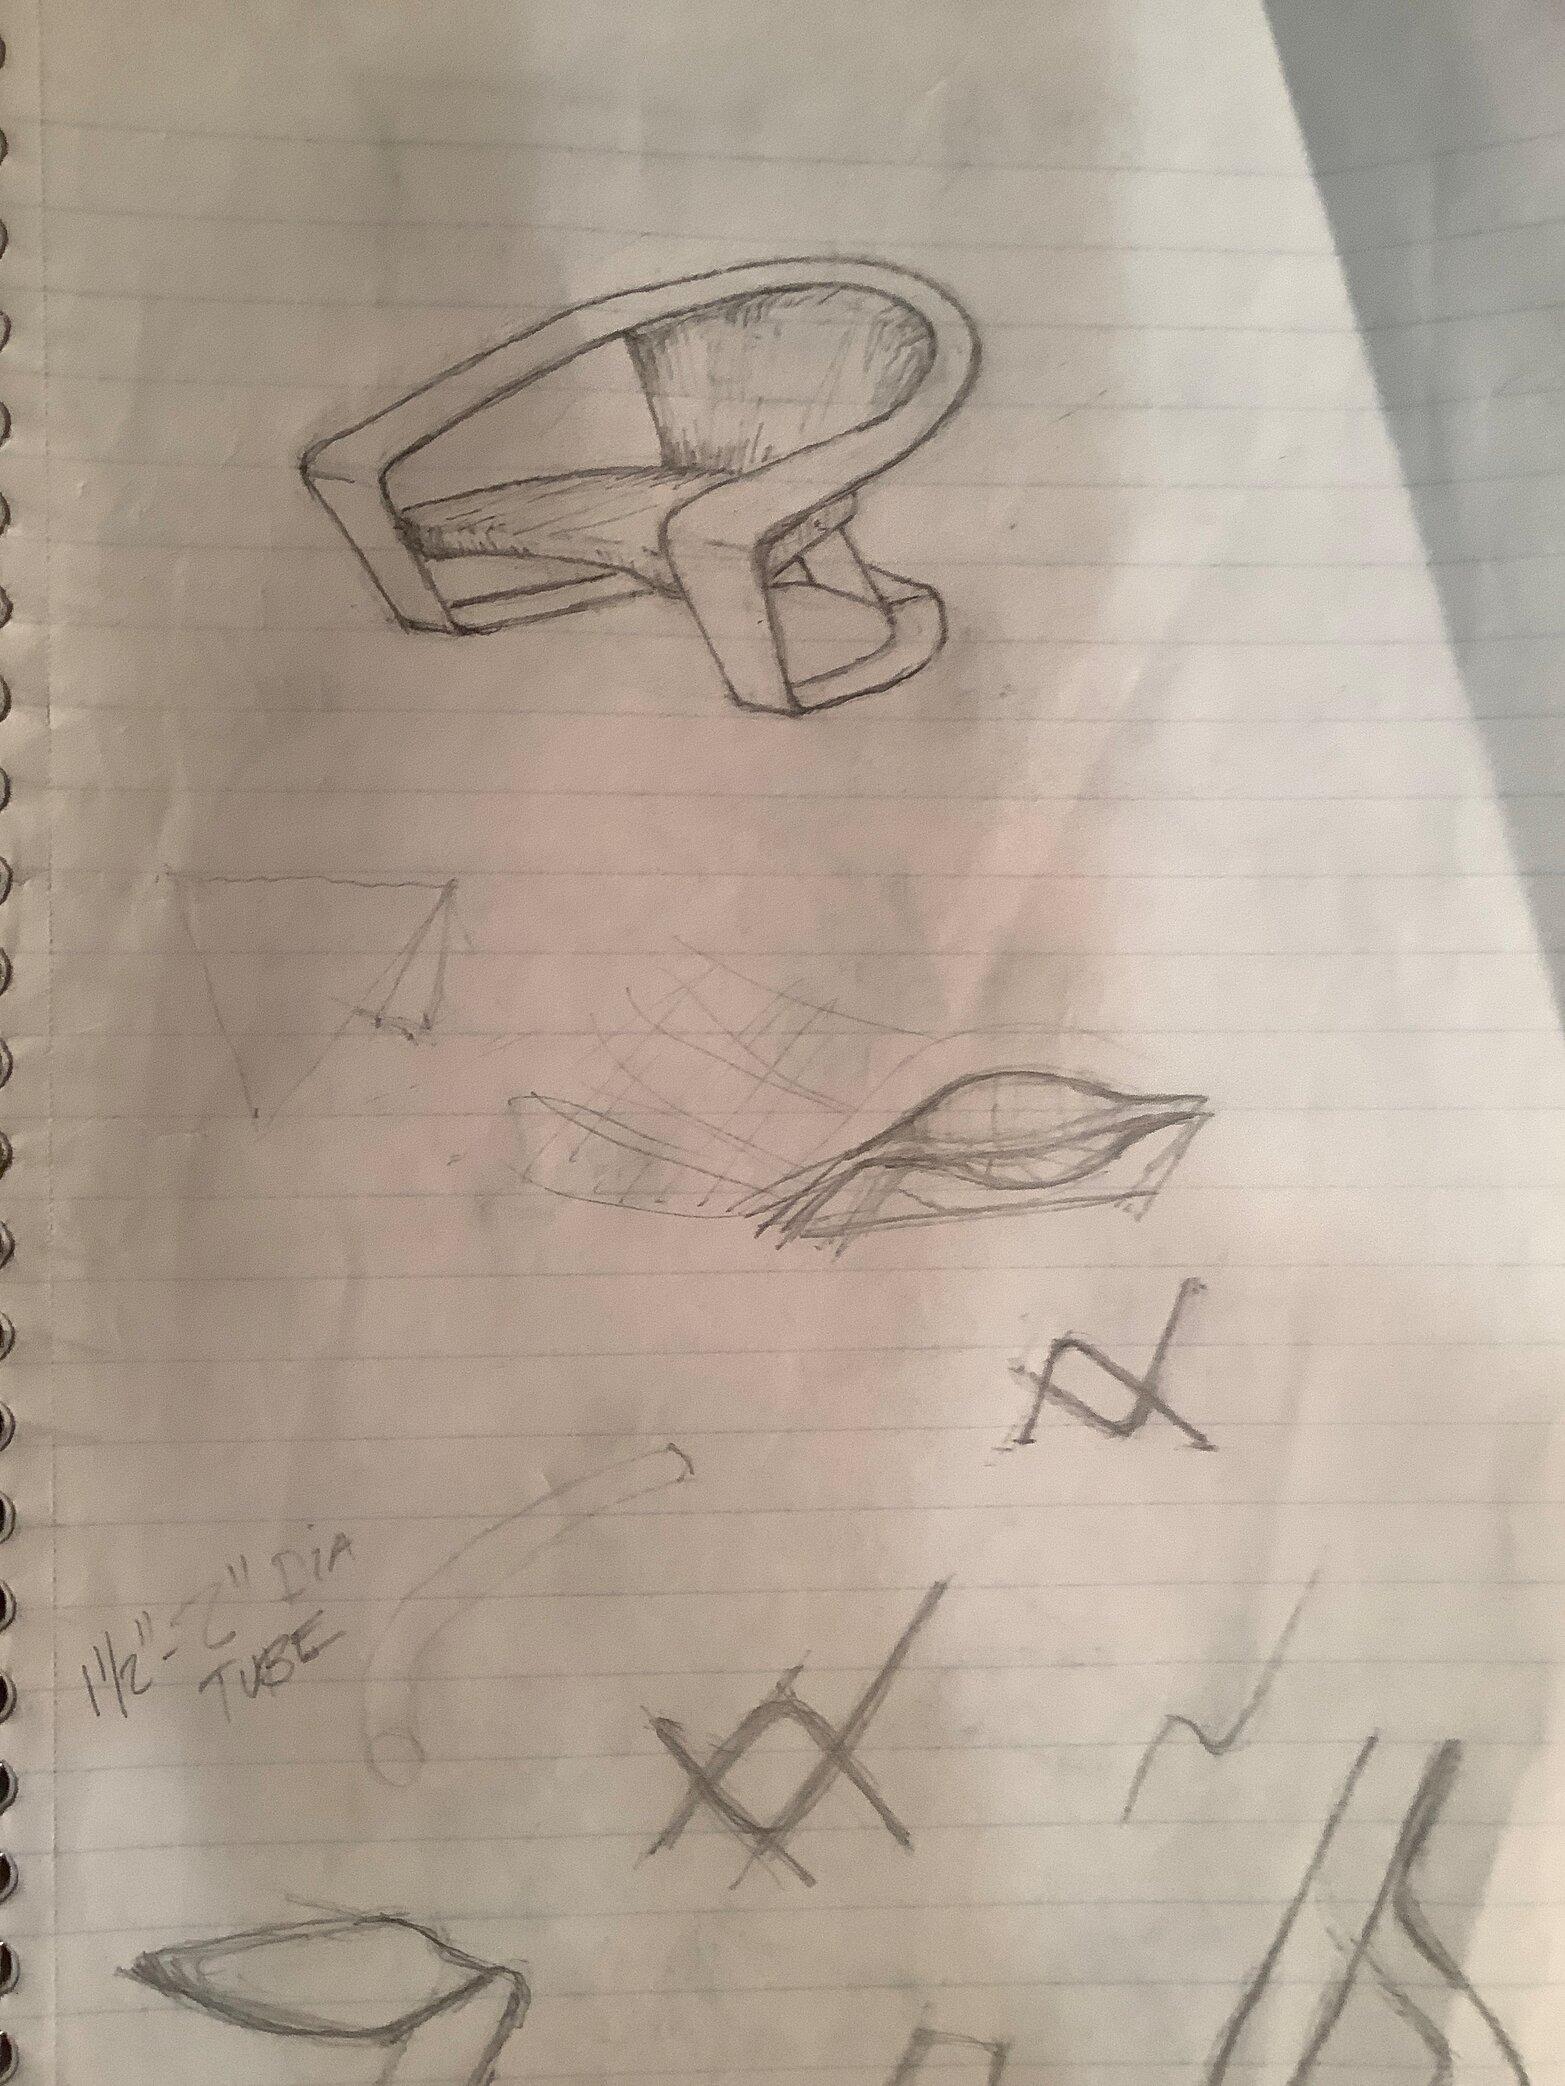 Shawn Plaxco Sketch2